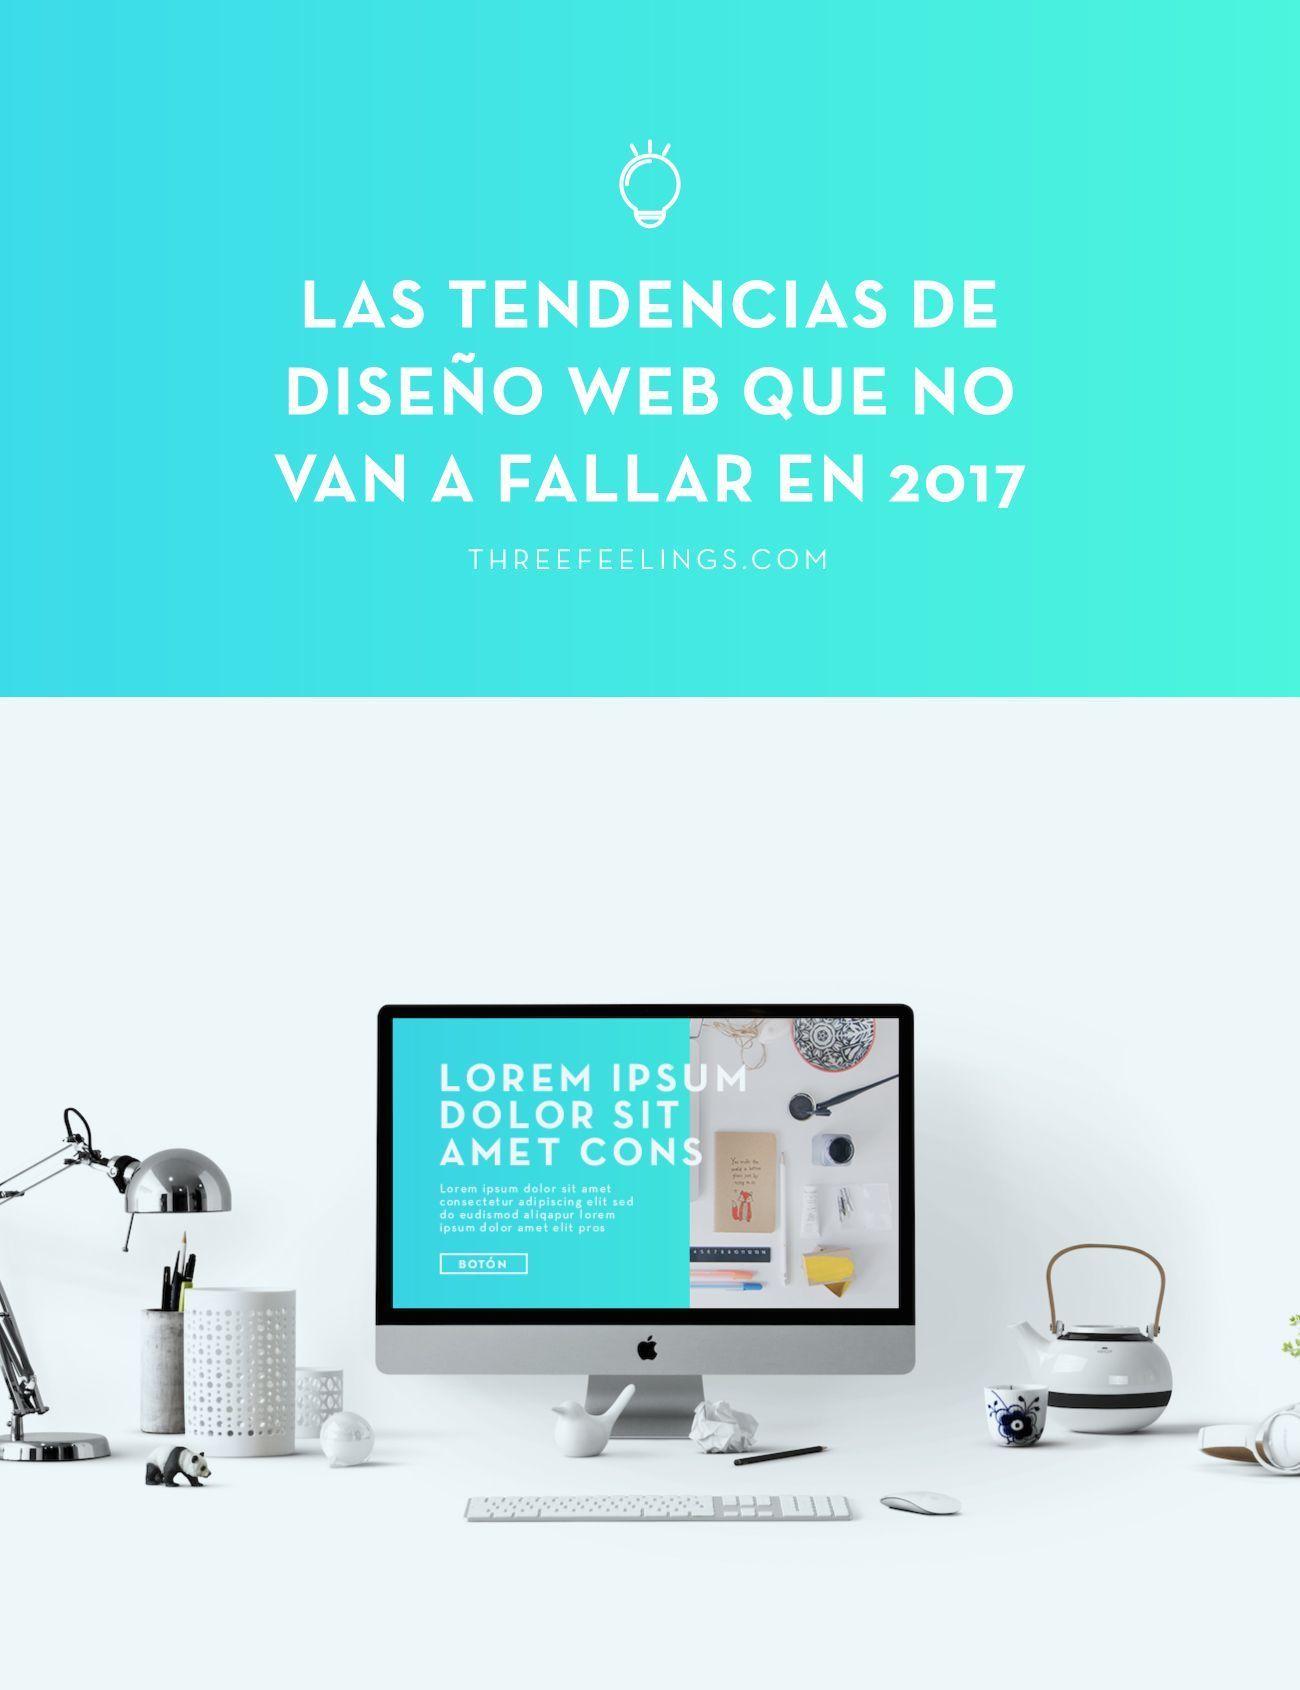 Tendencias de diseño web de 2017